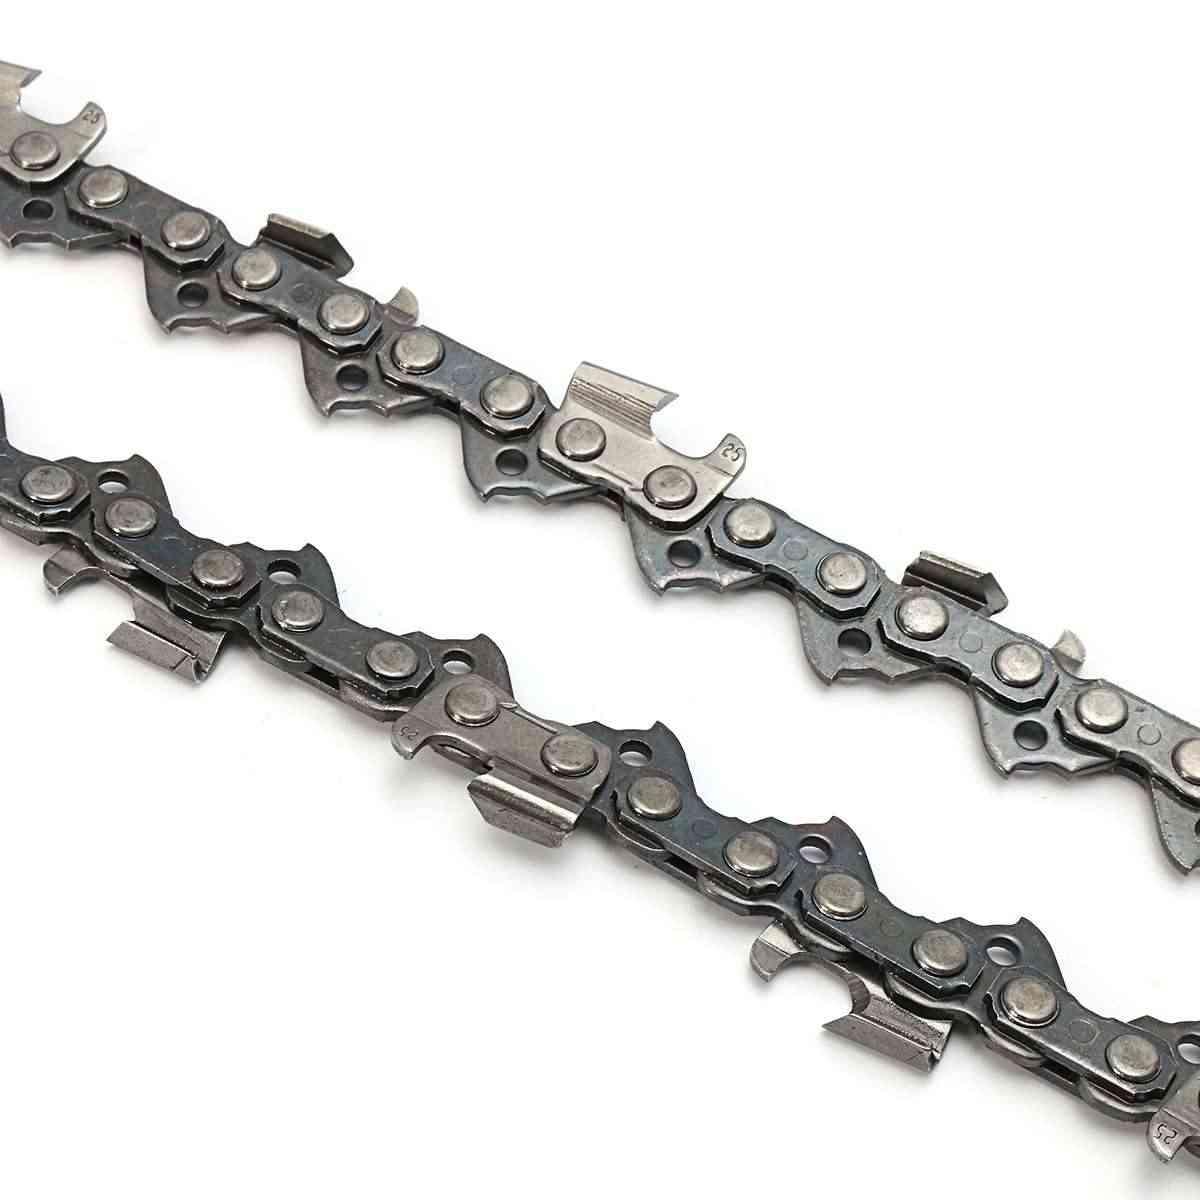 18/20 Cal 72/76 Drive Link piła łańcuchowa piła łańcuchowa ostrze cięcie drewna części do pił łańcuchowych piła łańcuchowa do cięcia Lumbers